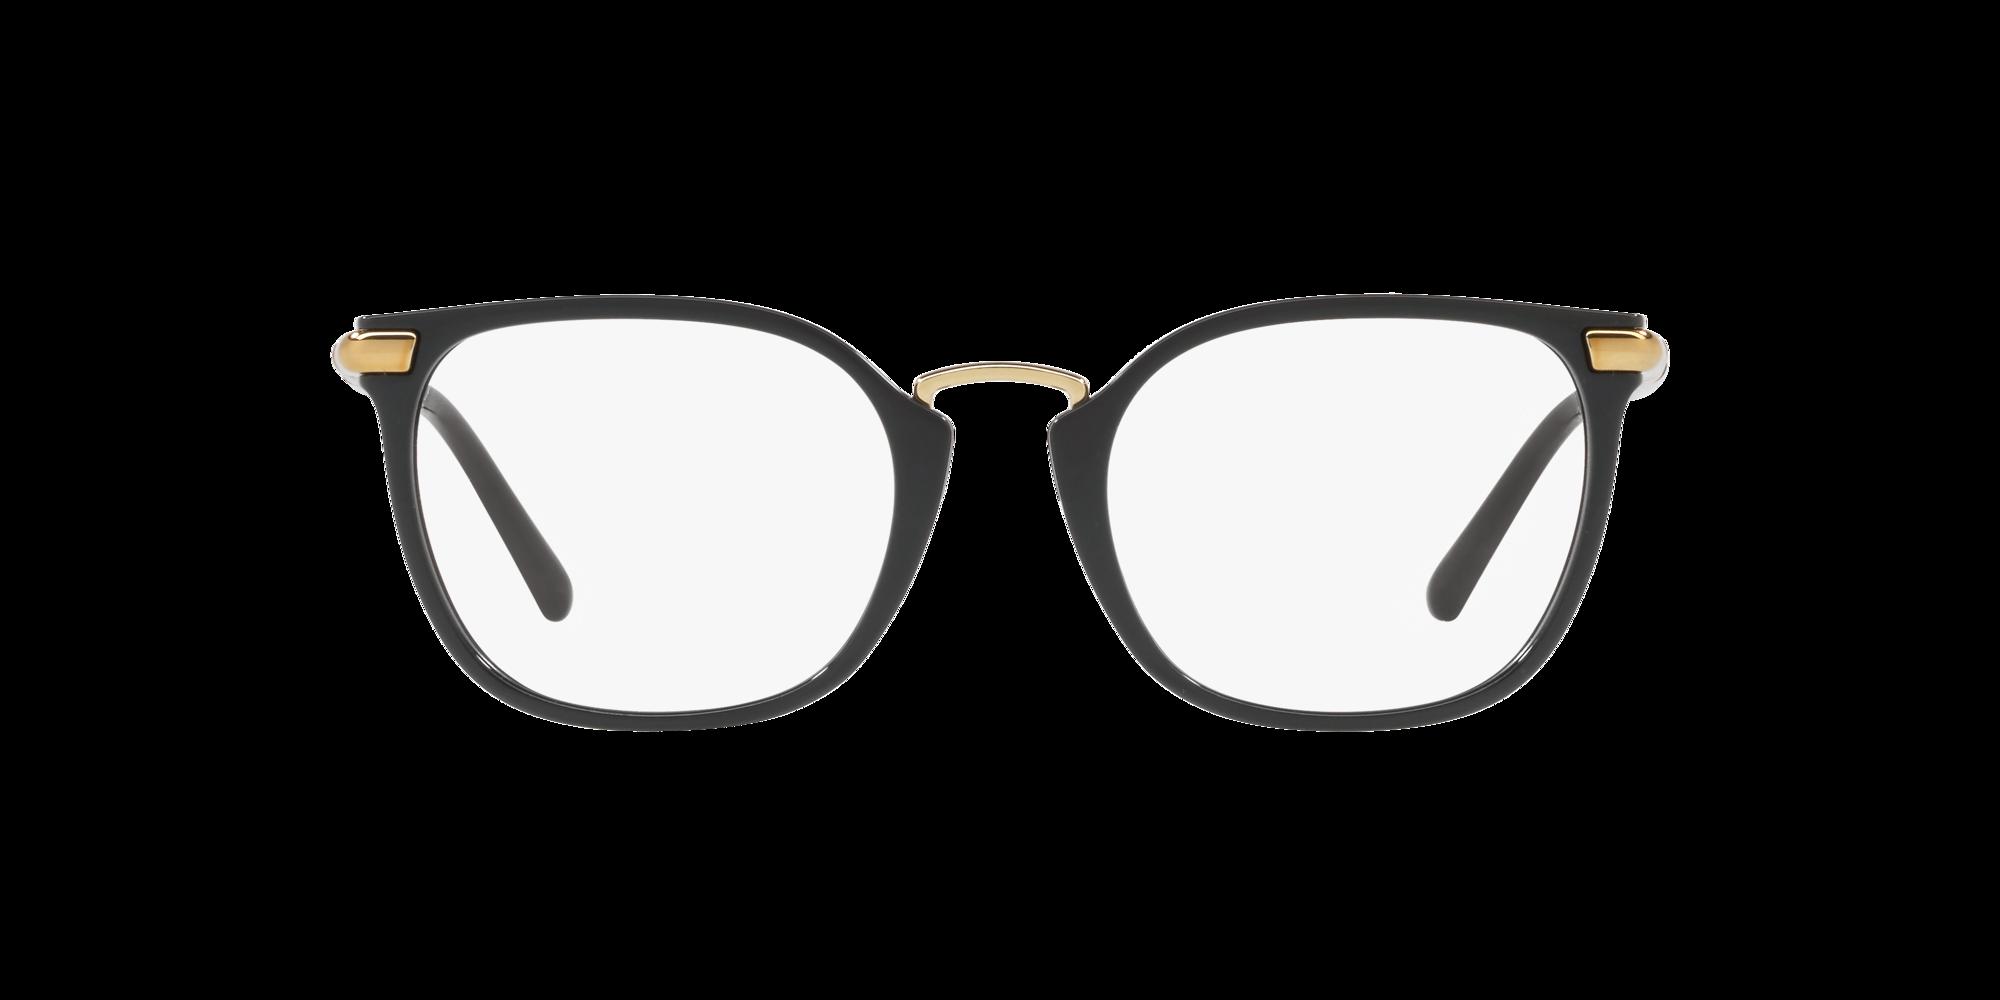 Imagen para BE2269 de LensCrafters    Espejuelos, espejuelos graduados en línea, gafas